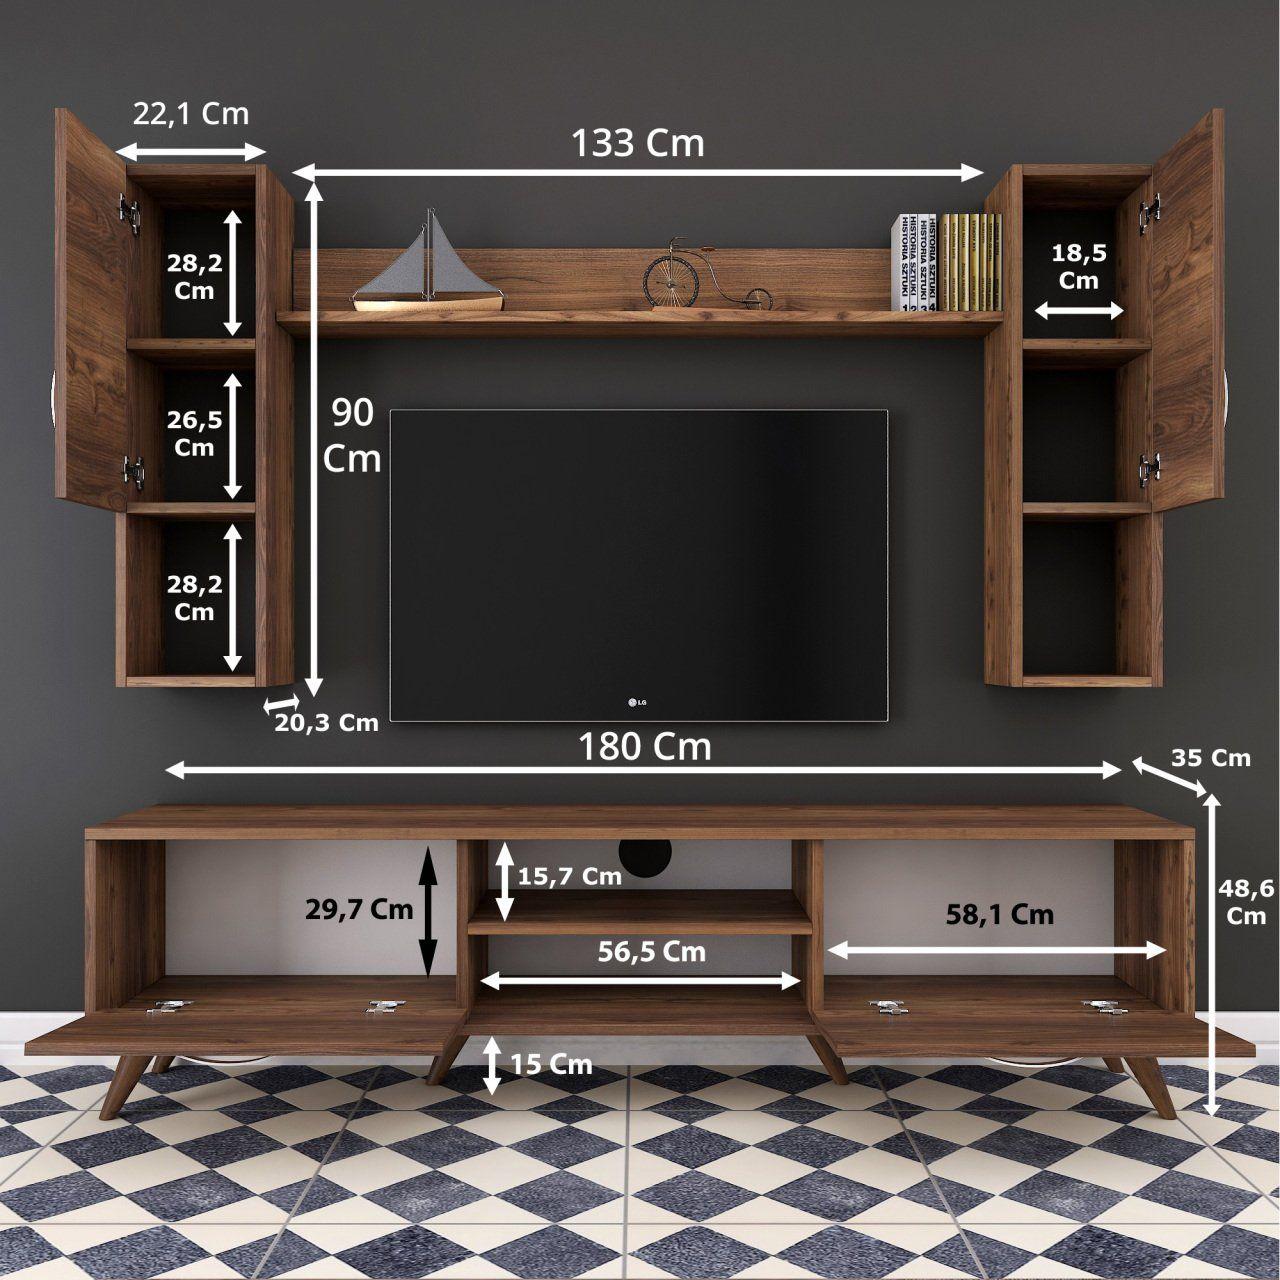 Rani A9 Duvar Raflı Kitaplıklı Tv ünitesi Duvara Monte Dolaplı Modern Ayaklı Tv Sehpas Wall Tv Unit Design Living Room Tv Unit Designs Tv Unit Furniture Design